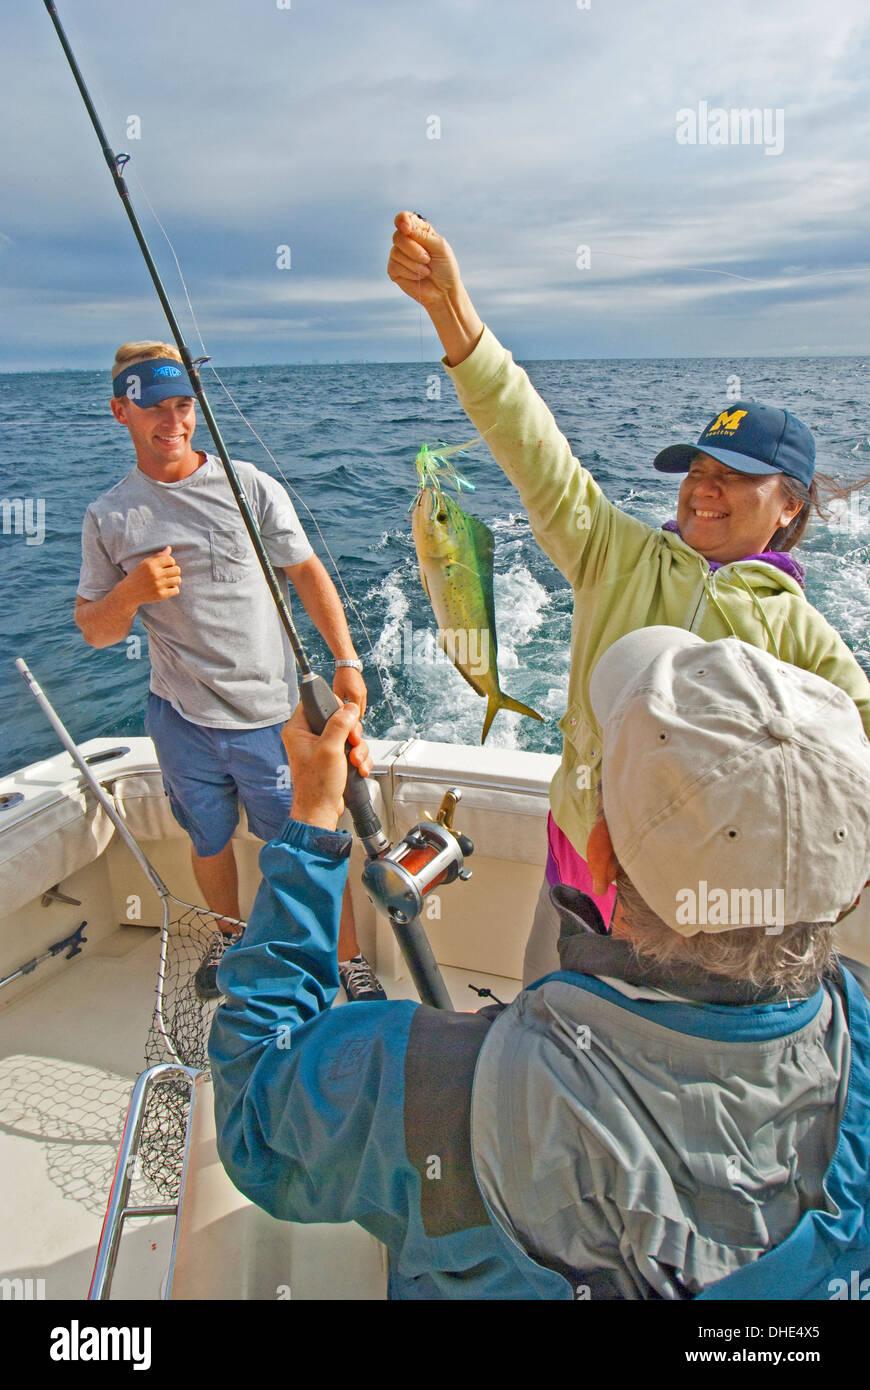 Gulf Coast fishing charter - Stock Image